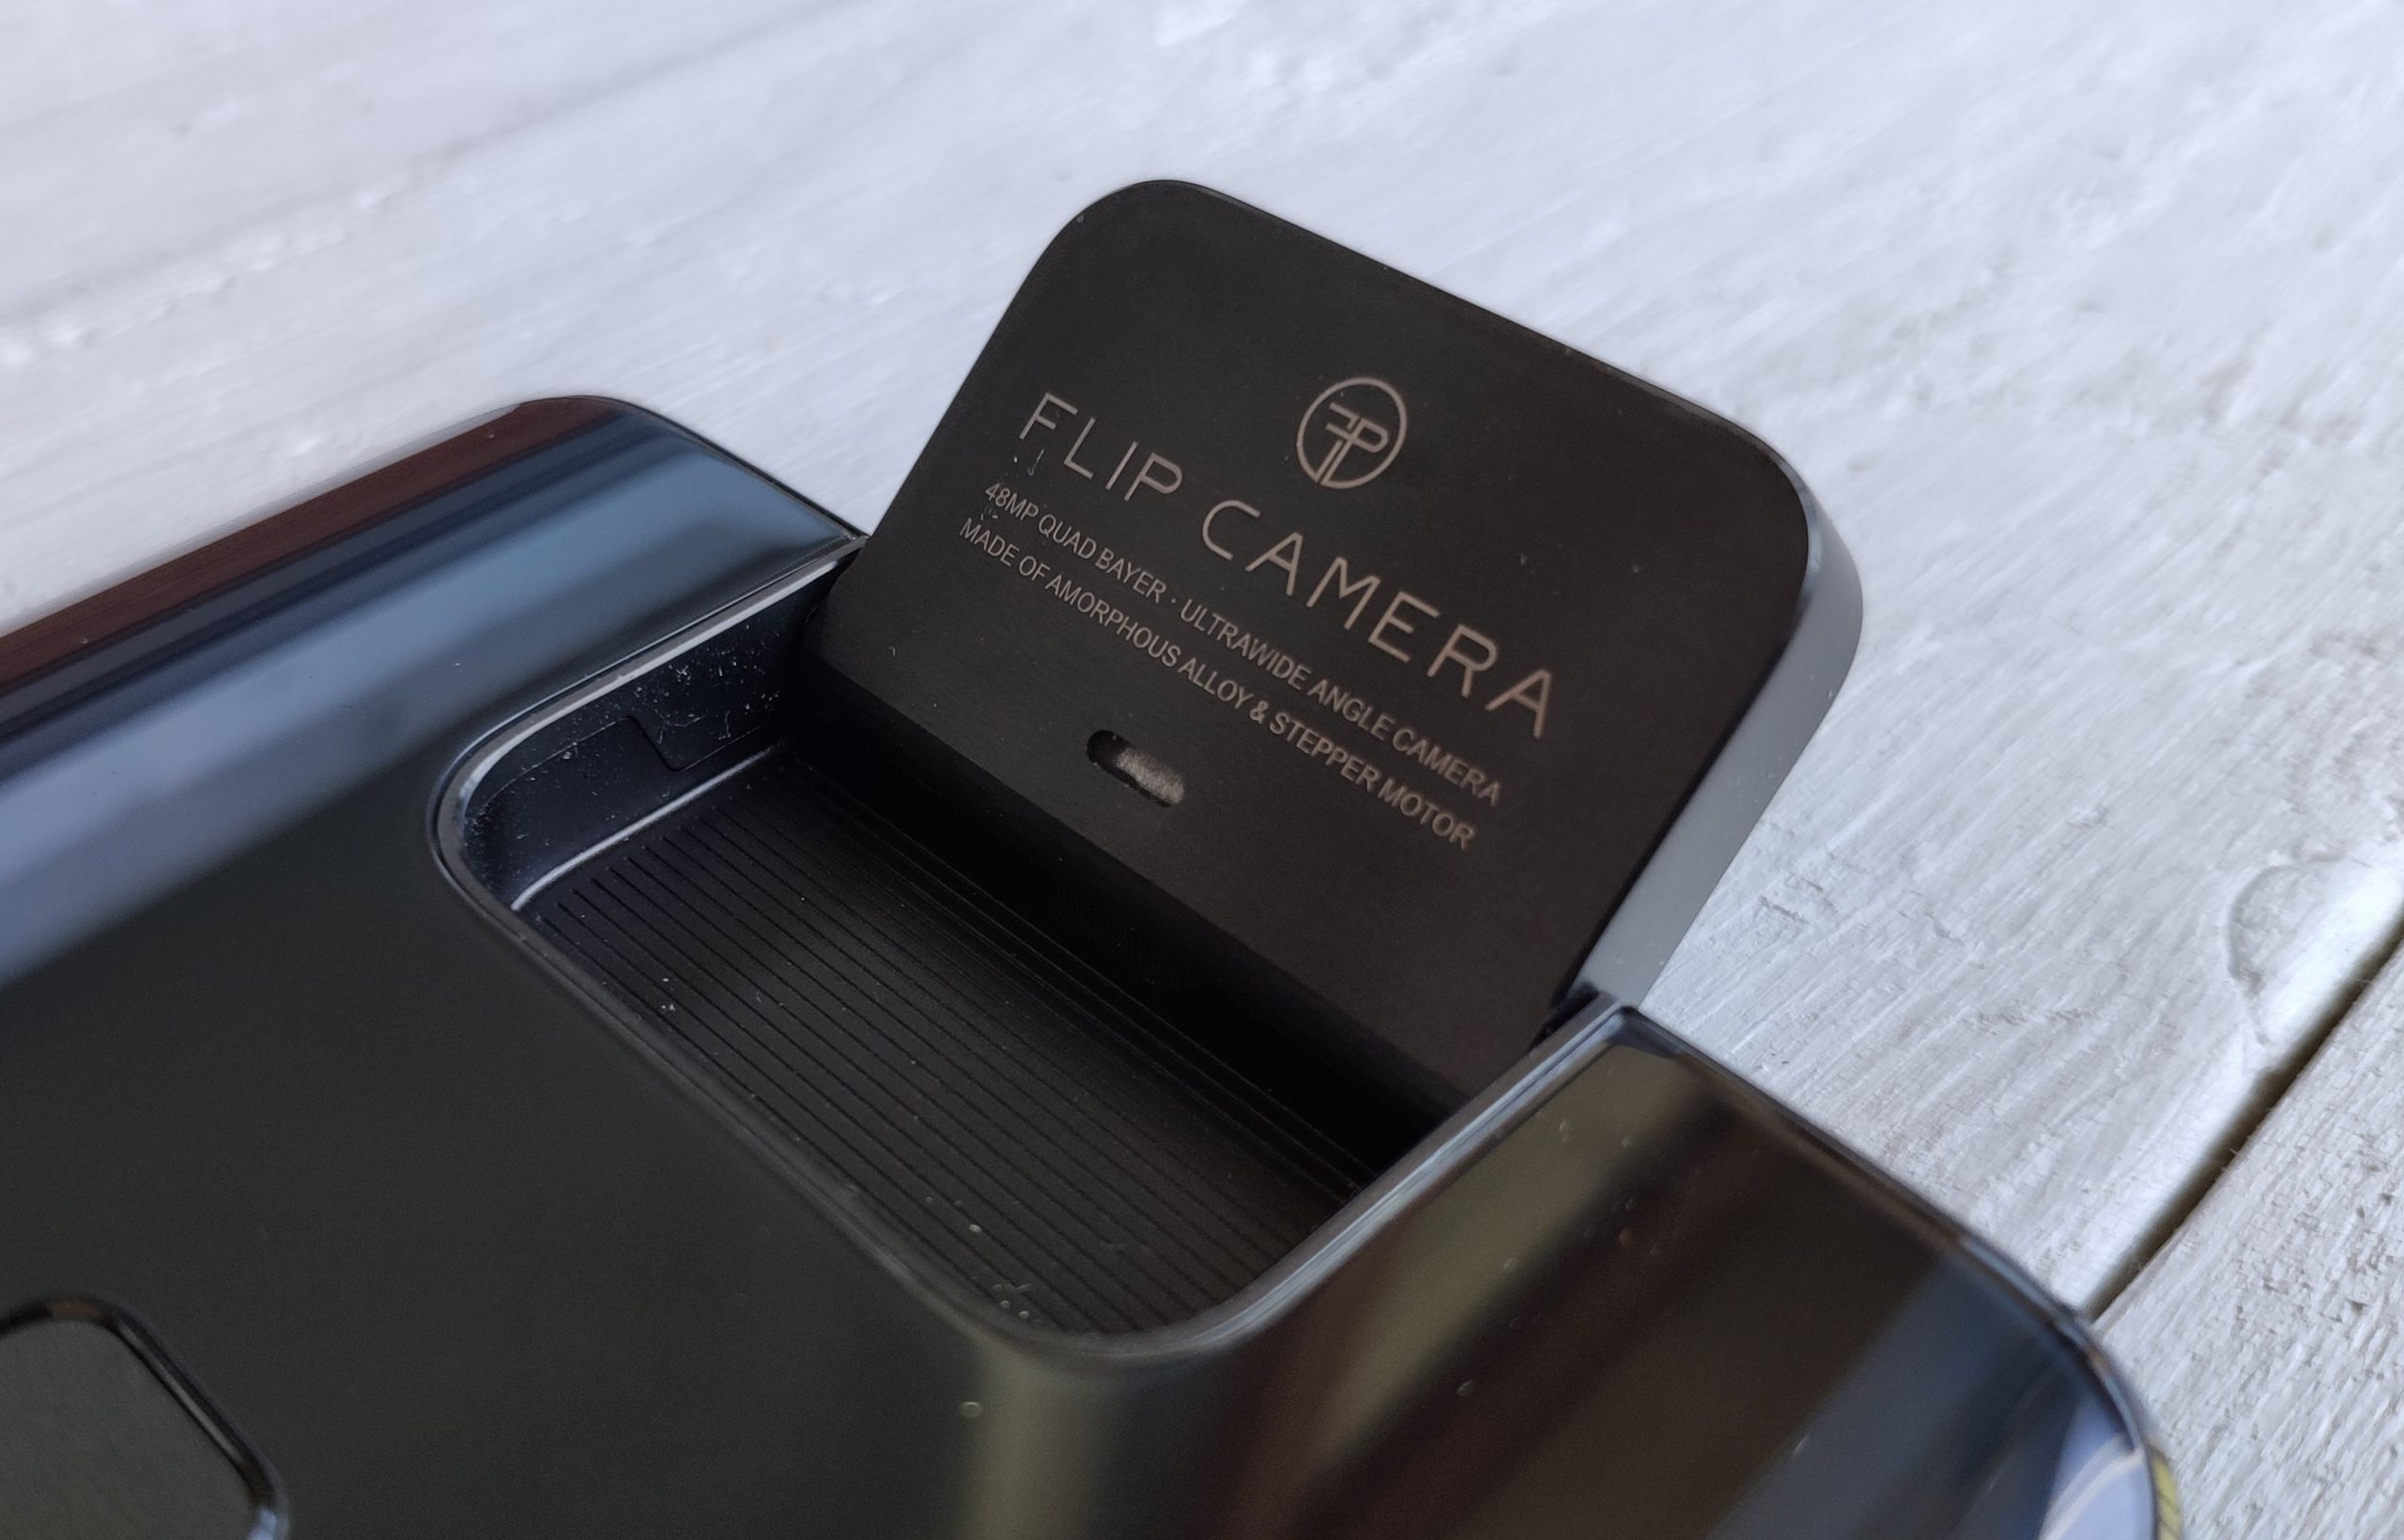 Kameran voi manuaalisesti säätää mihin kulmaan hyvänsä.